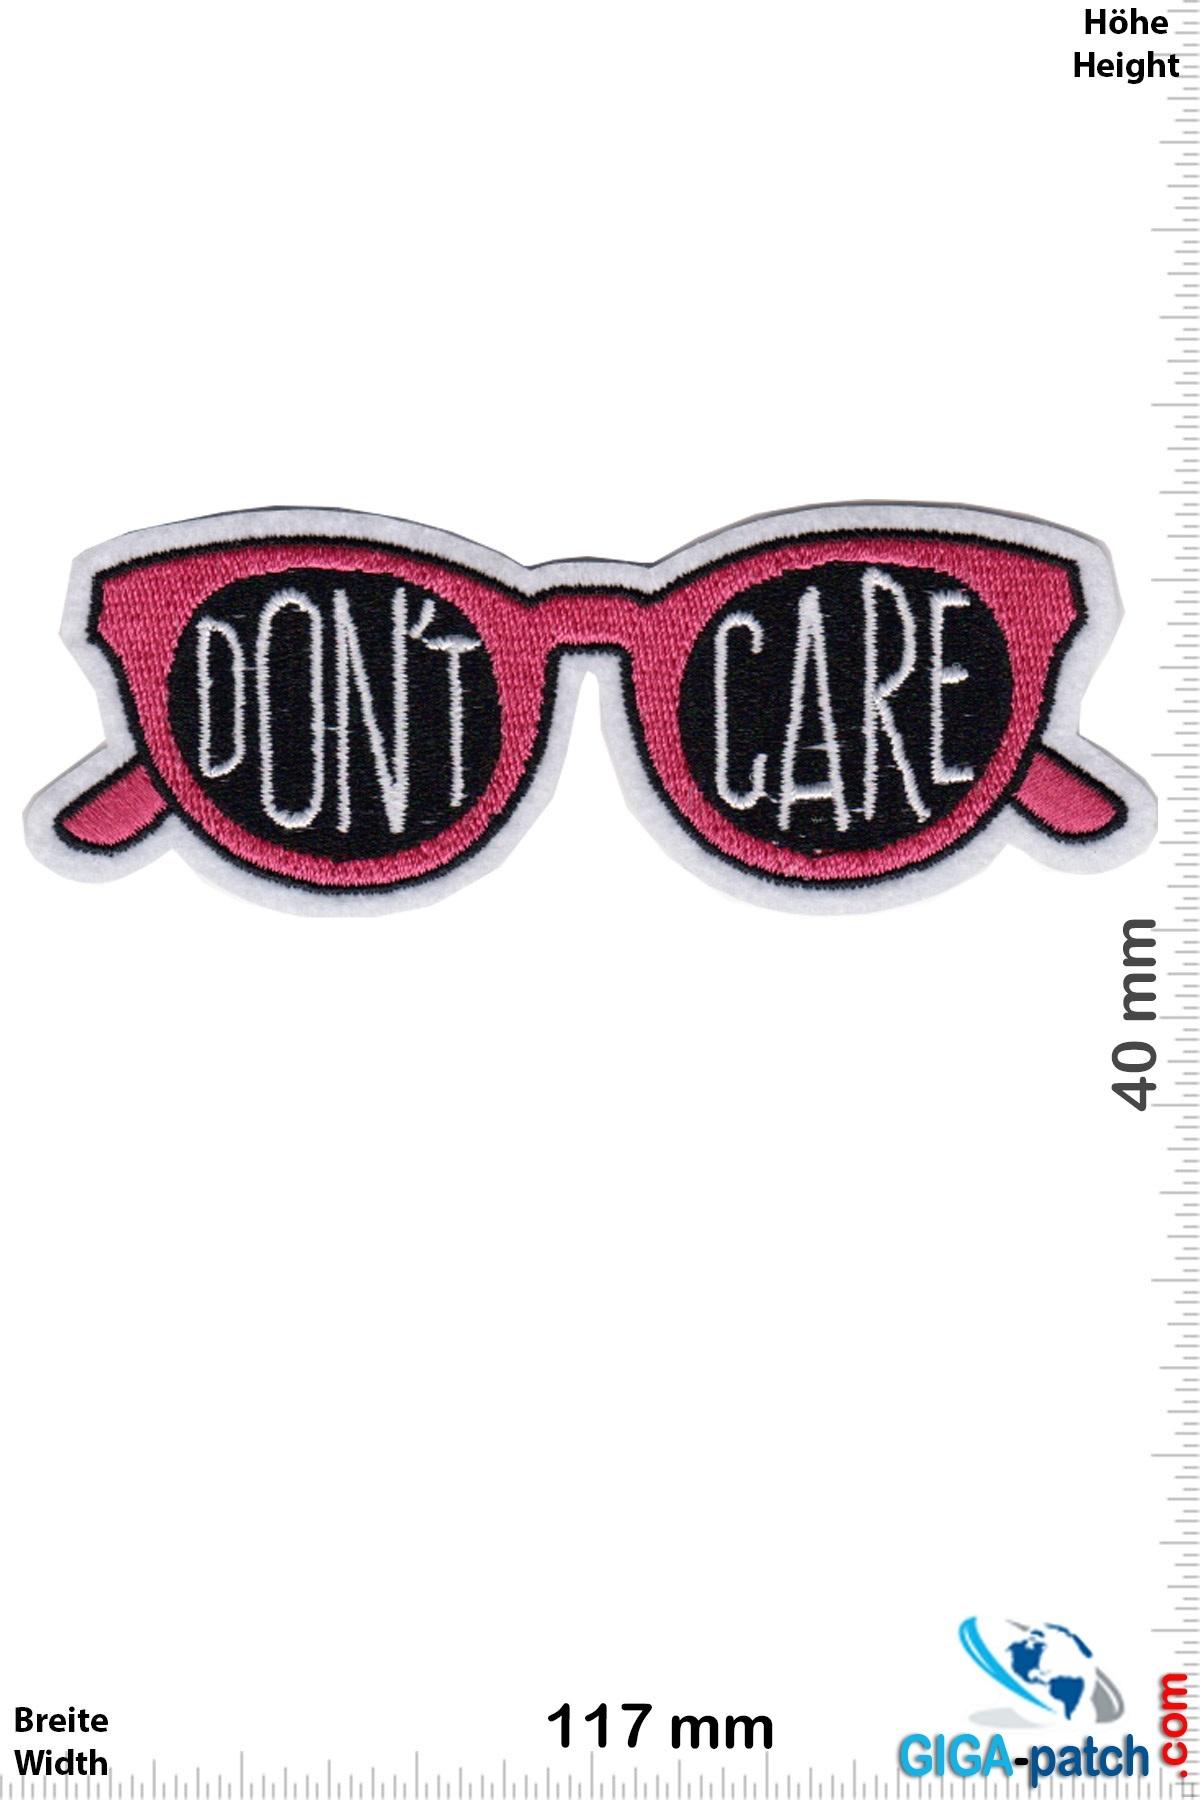 Fun Don't care - Sunglass